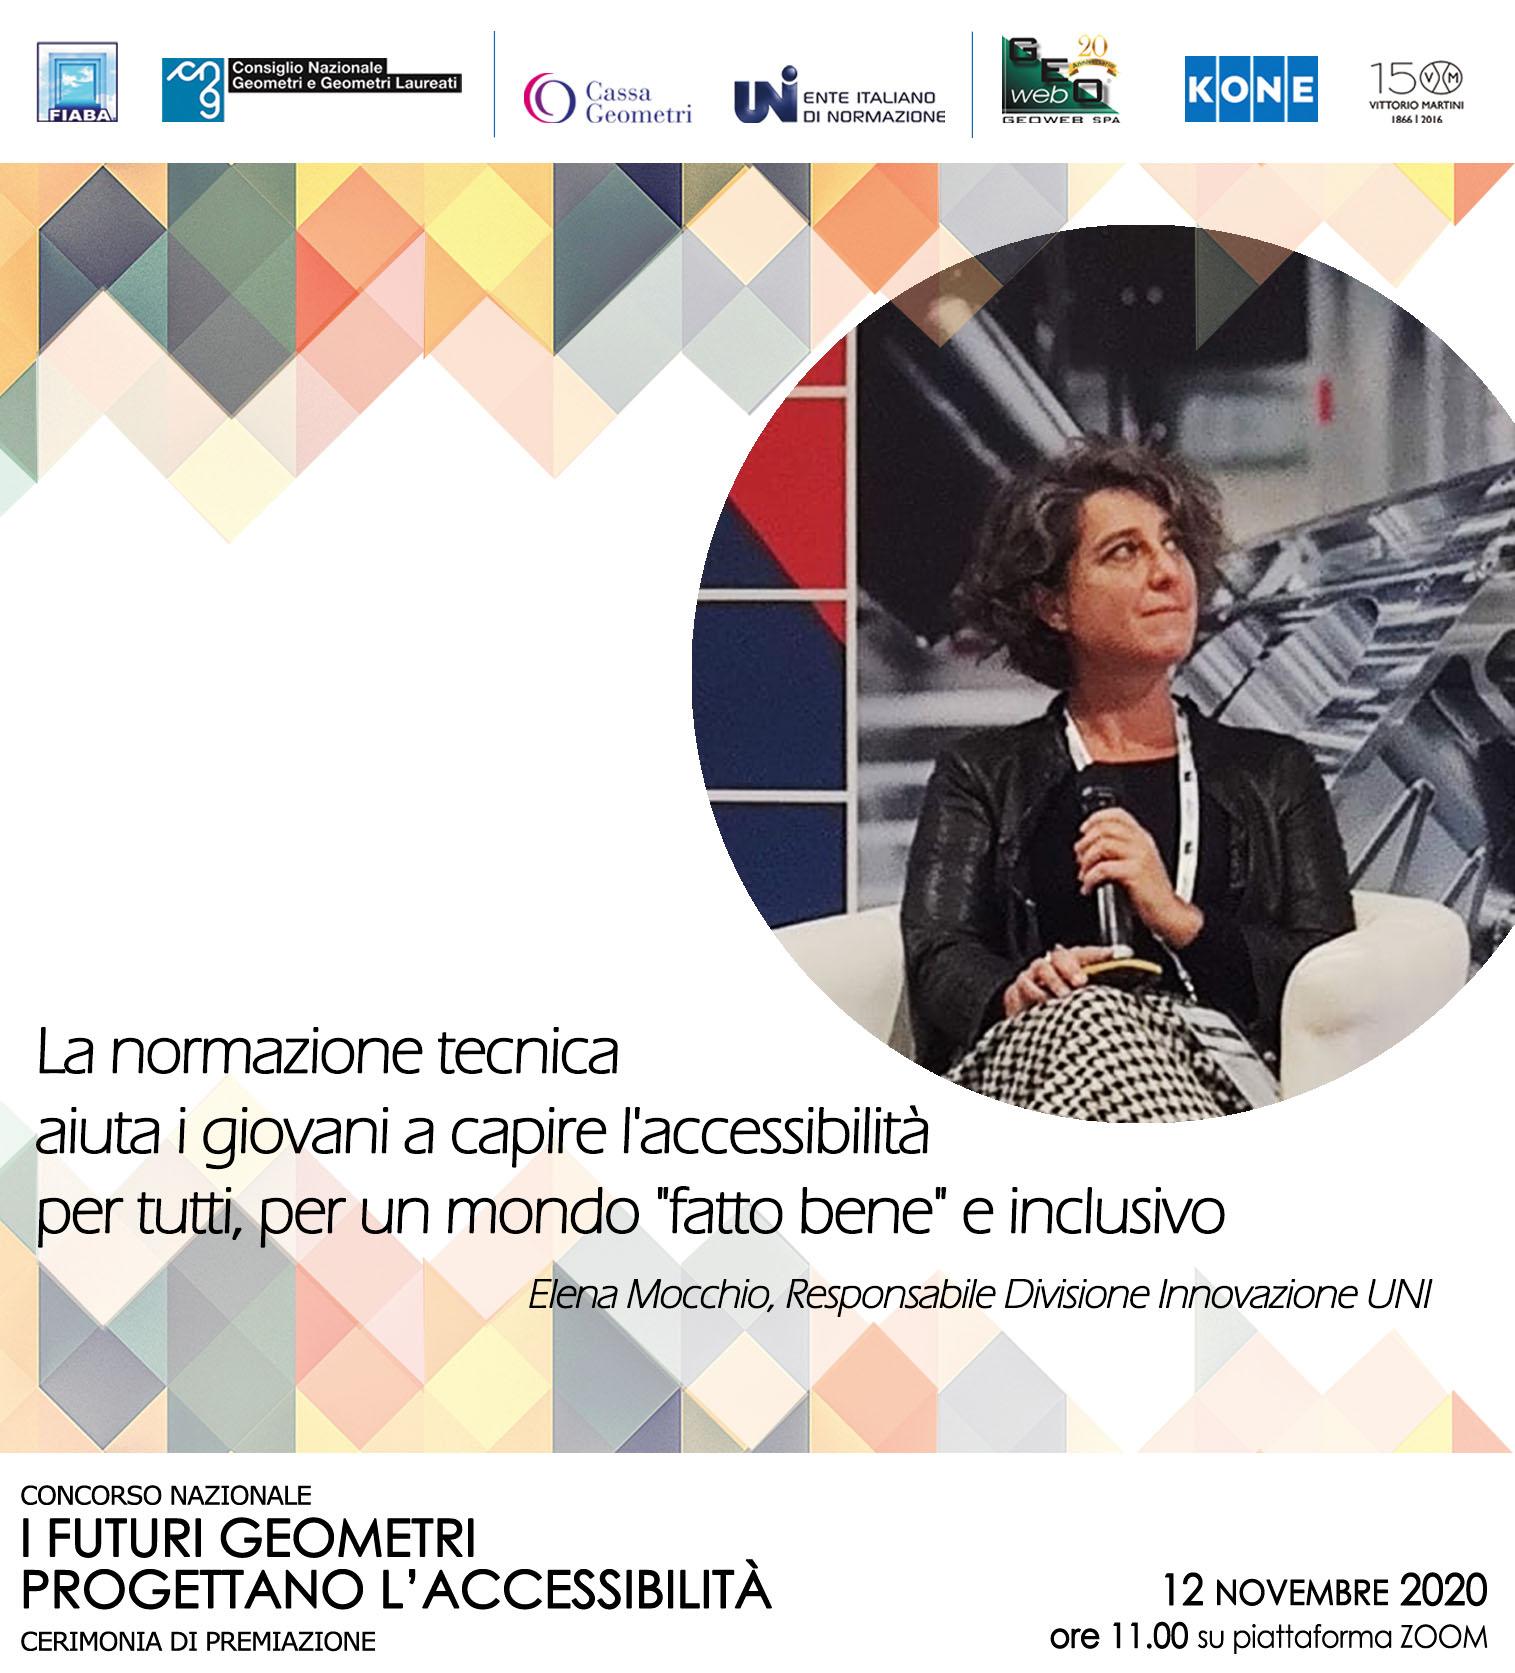 """Immagine con la foto di Elena Mocchio, Responsabile Divisione Innovazione UNI - Ente Italiano di Normazione - con sotto la foto a sinistra la frase """"La normazione tecnica aiuta i giovani a capire l'accessibilità per tutti, per un mondo fatto bene e inclusivo"""""""